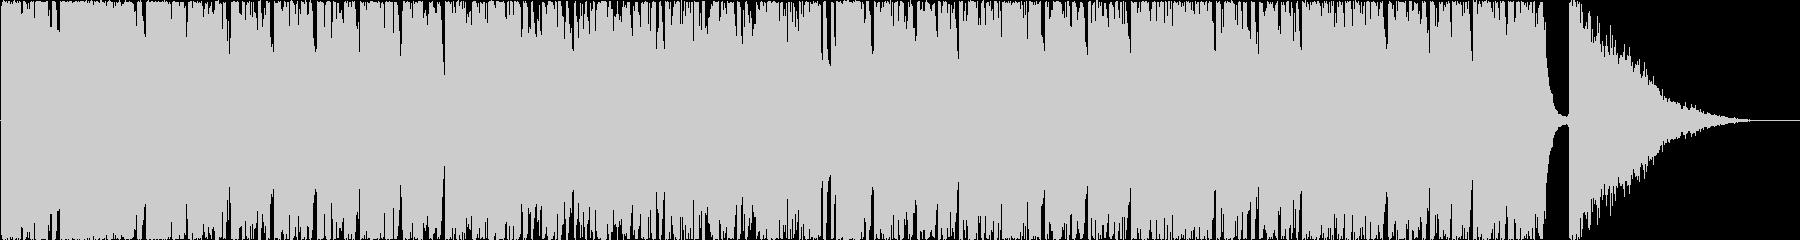 疾走感あふれるピアノストリングストラックの未再生の波形